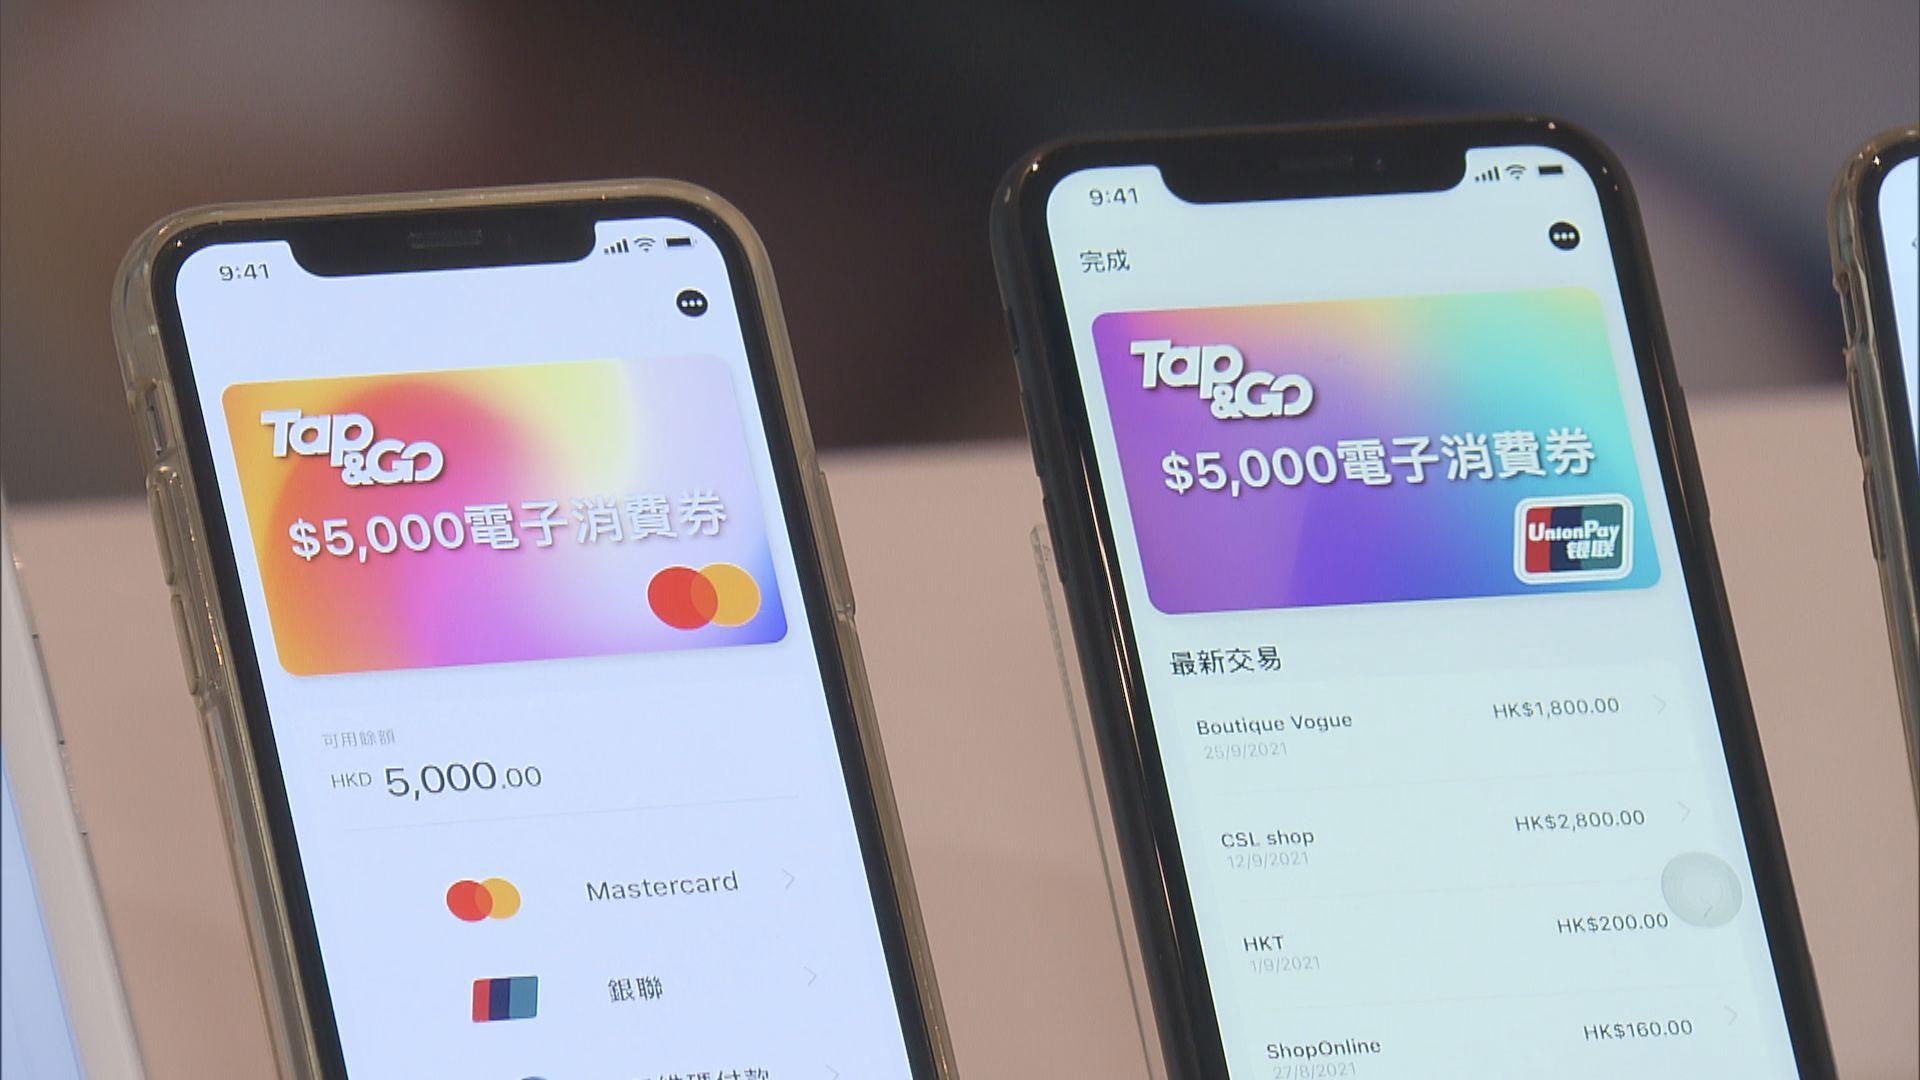 Tap&Go:消費券計劃期間使用香港電訊收款機會豁免交易費